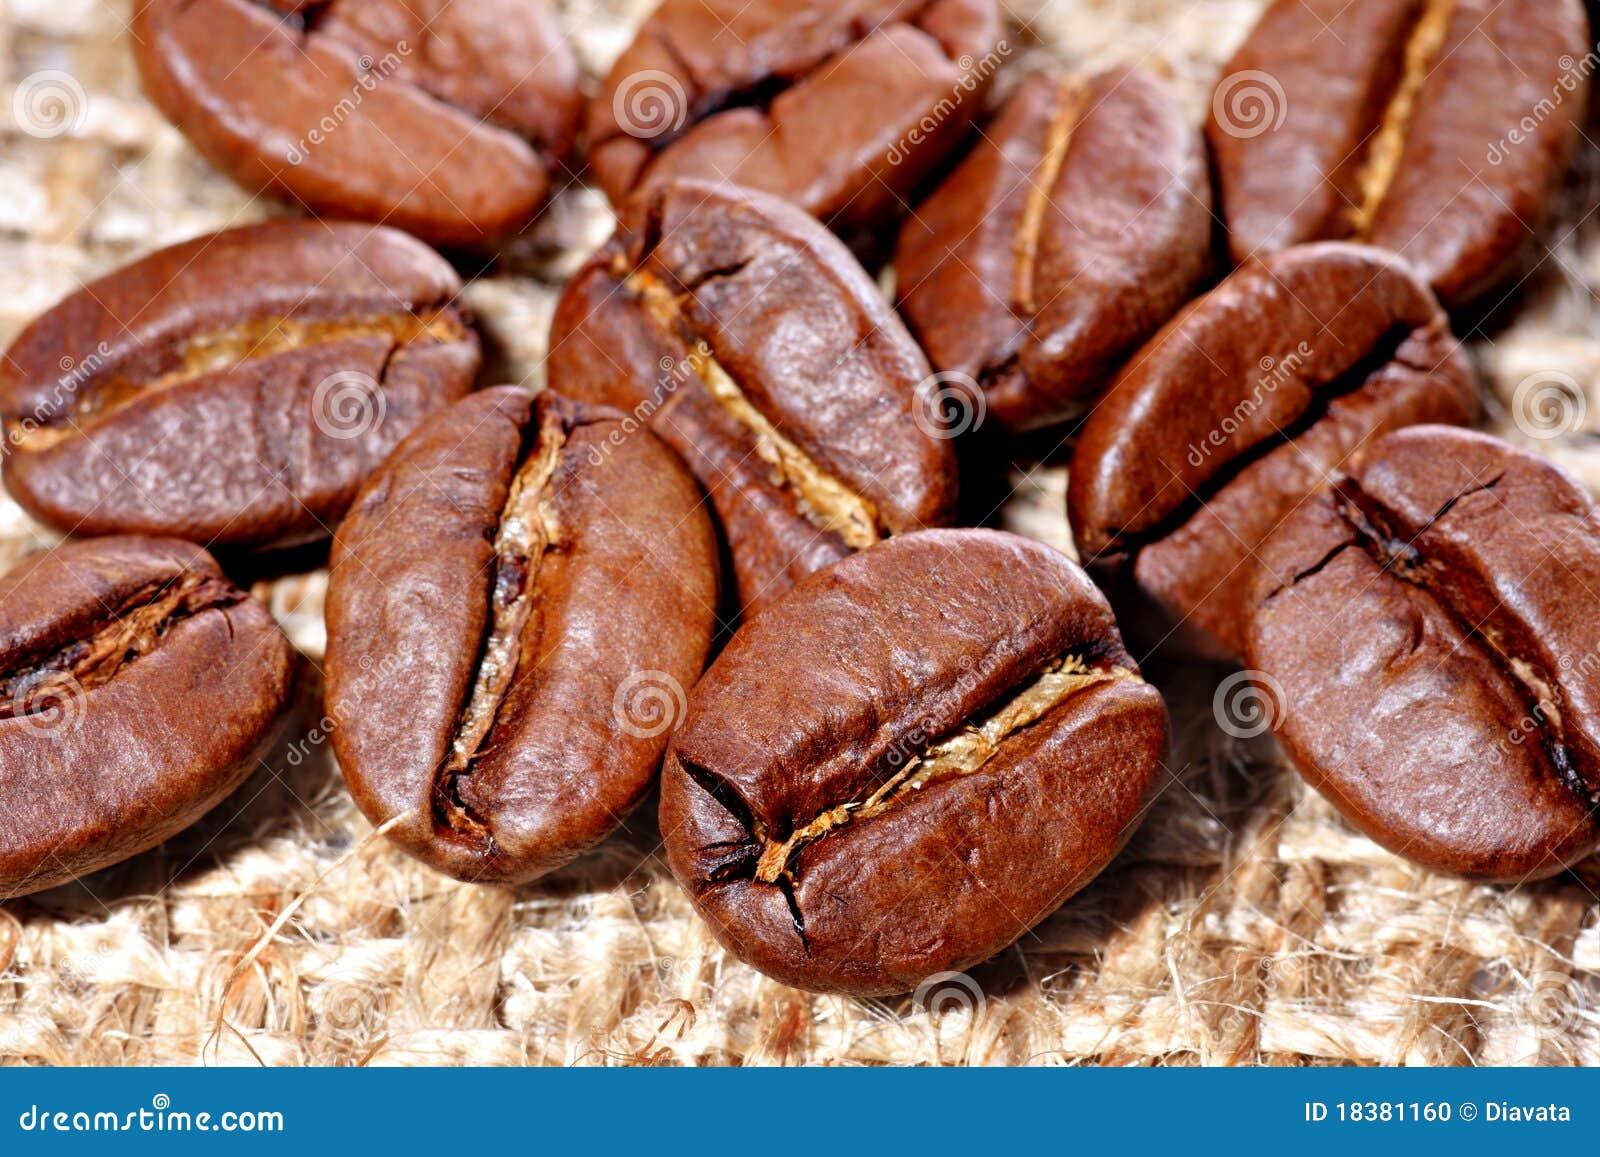 кофе холстины мешковины фасолей